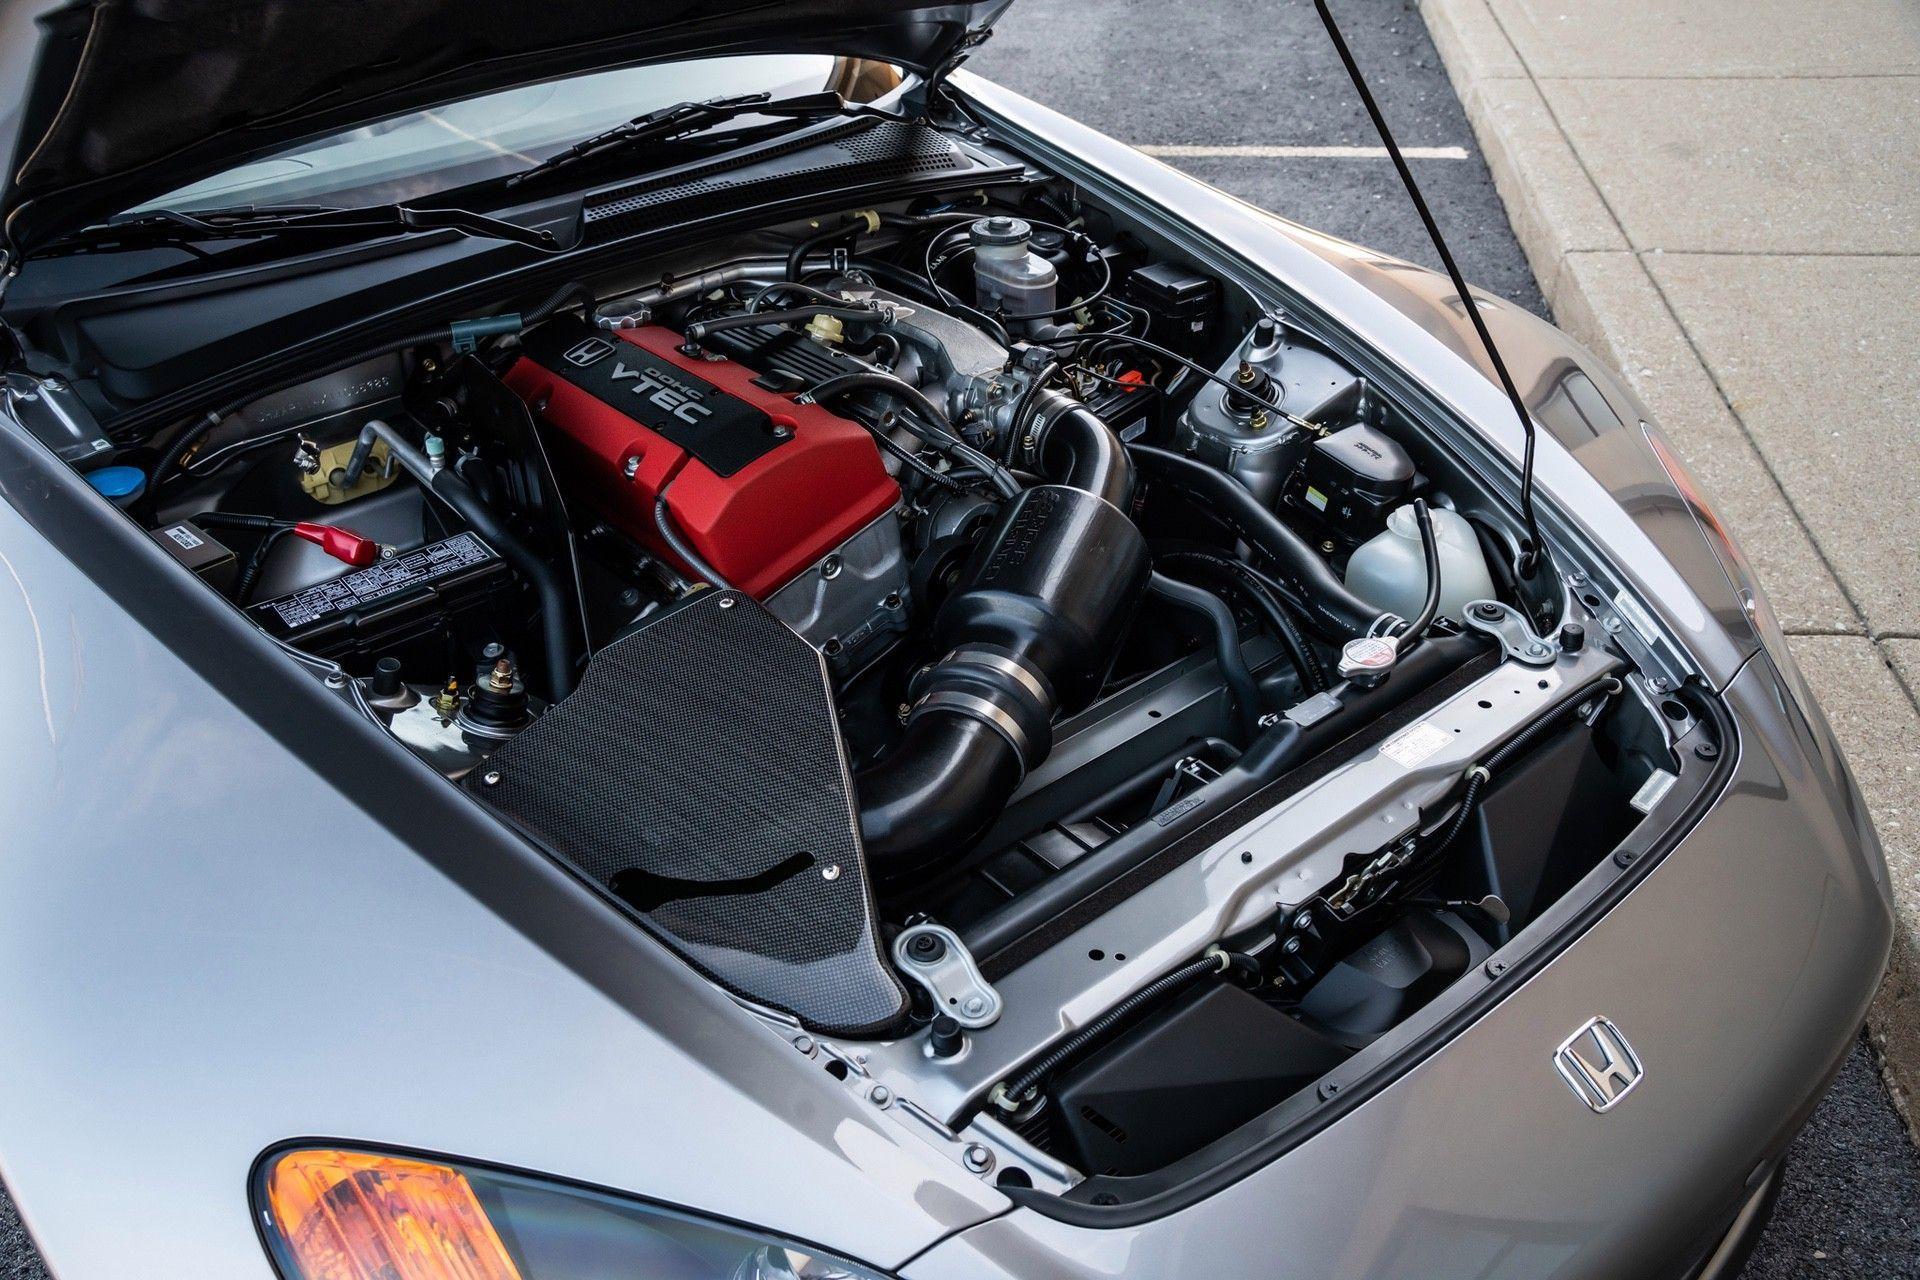 2001-Honda-S2000-0044